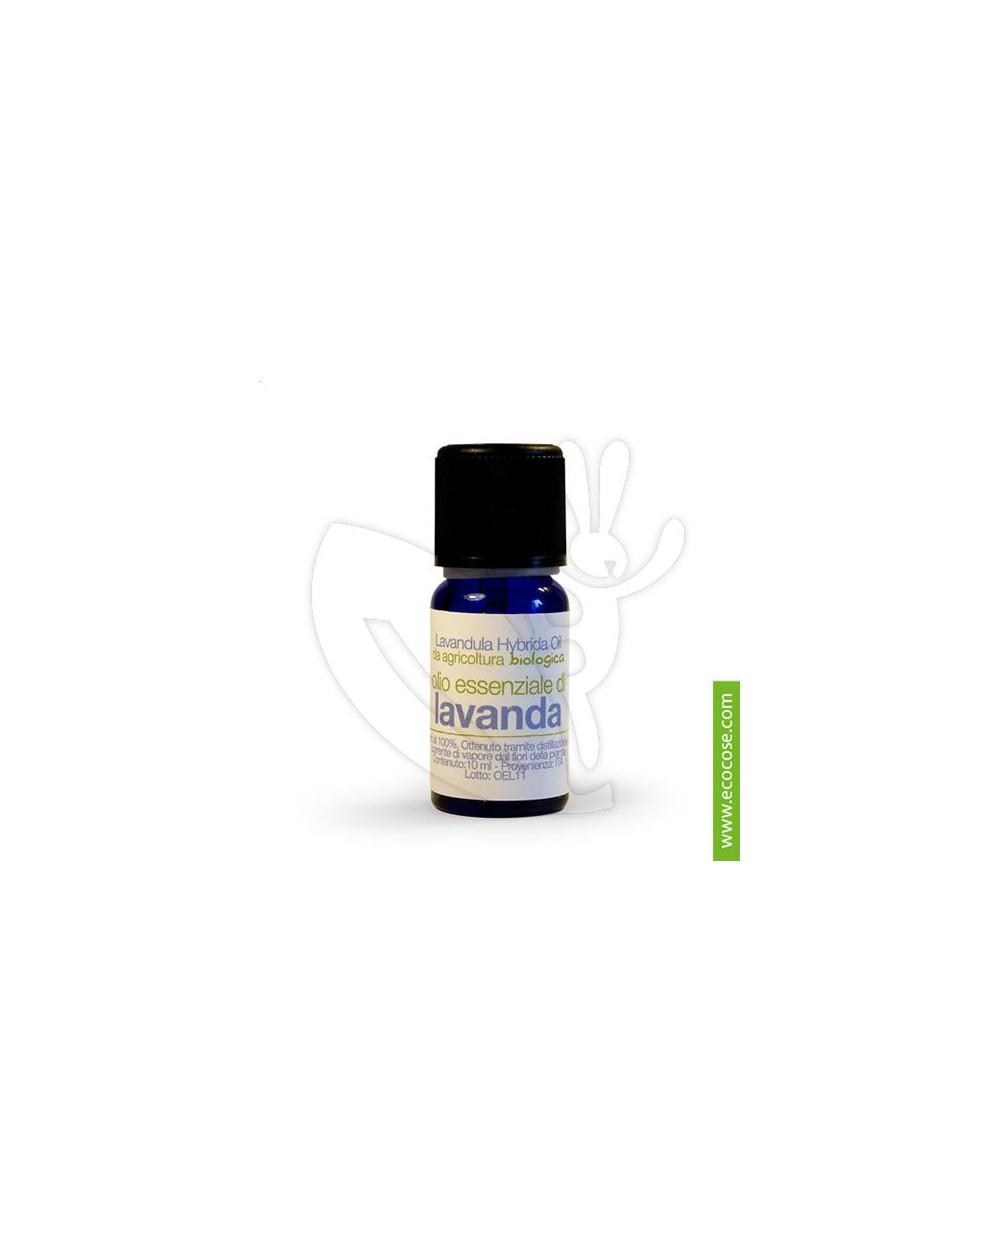 La Saponaria - Olio essenziale di Lavanda 10ml